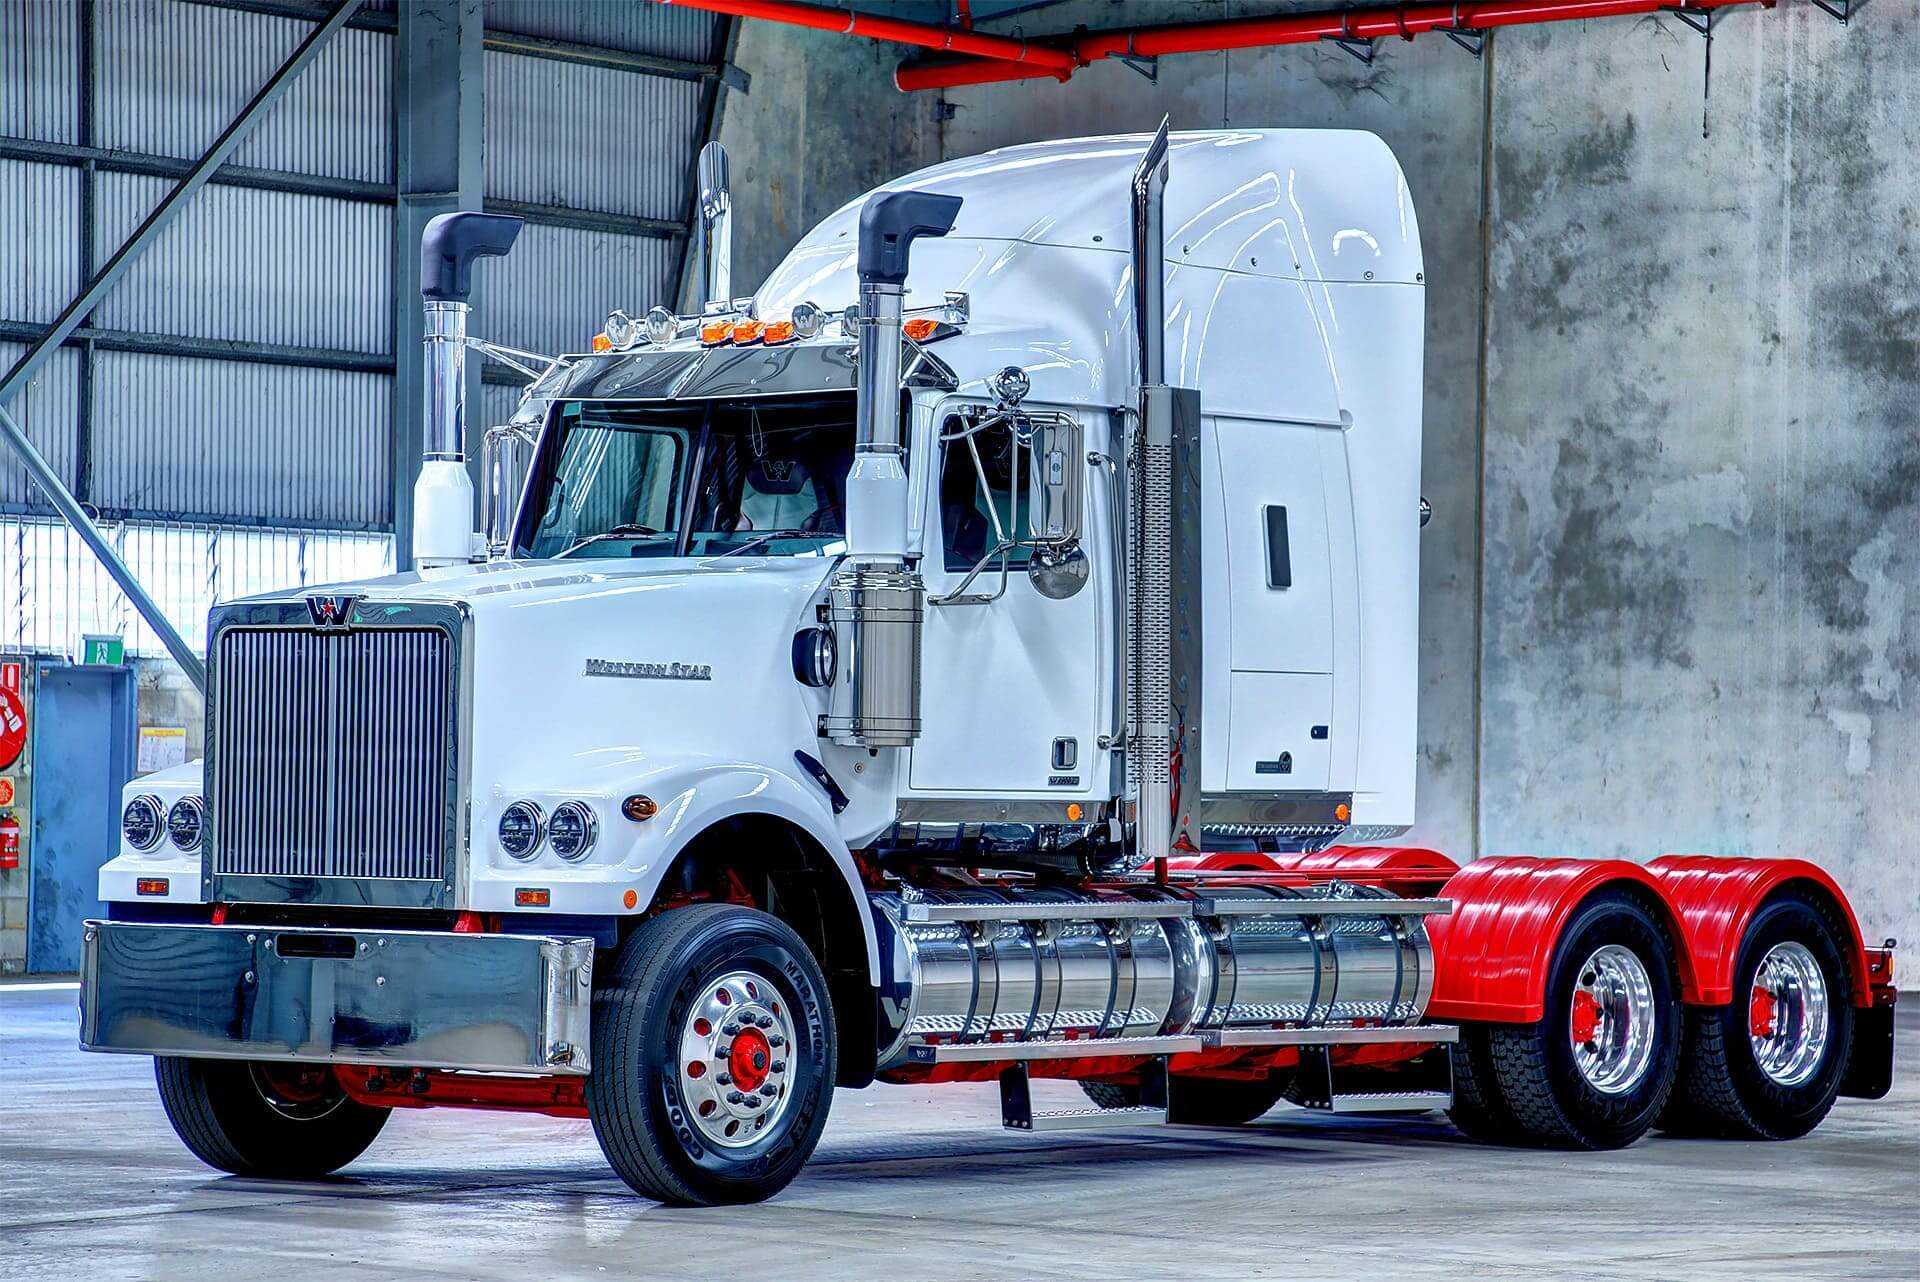 Western Star 4900 >> Western Star 4900 FXC- Serious Trucks